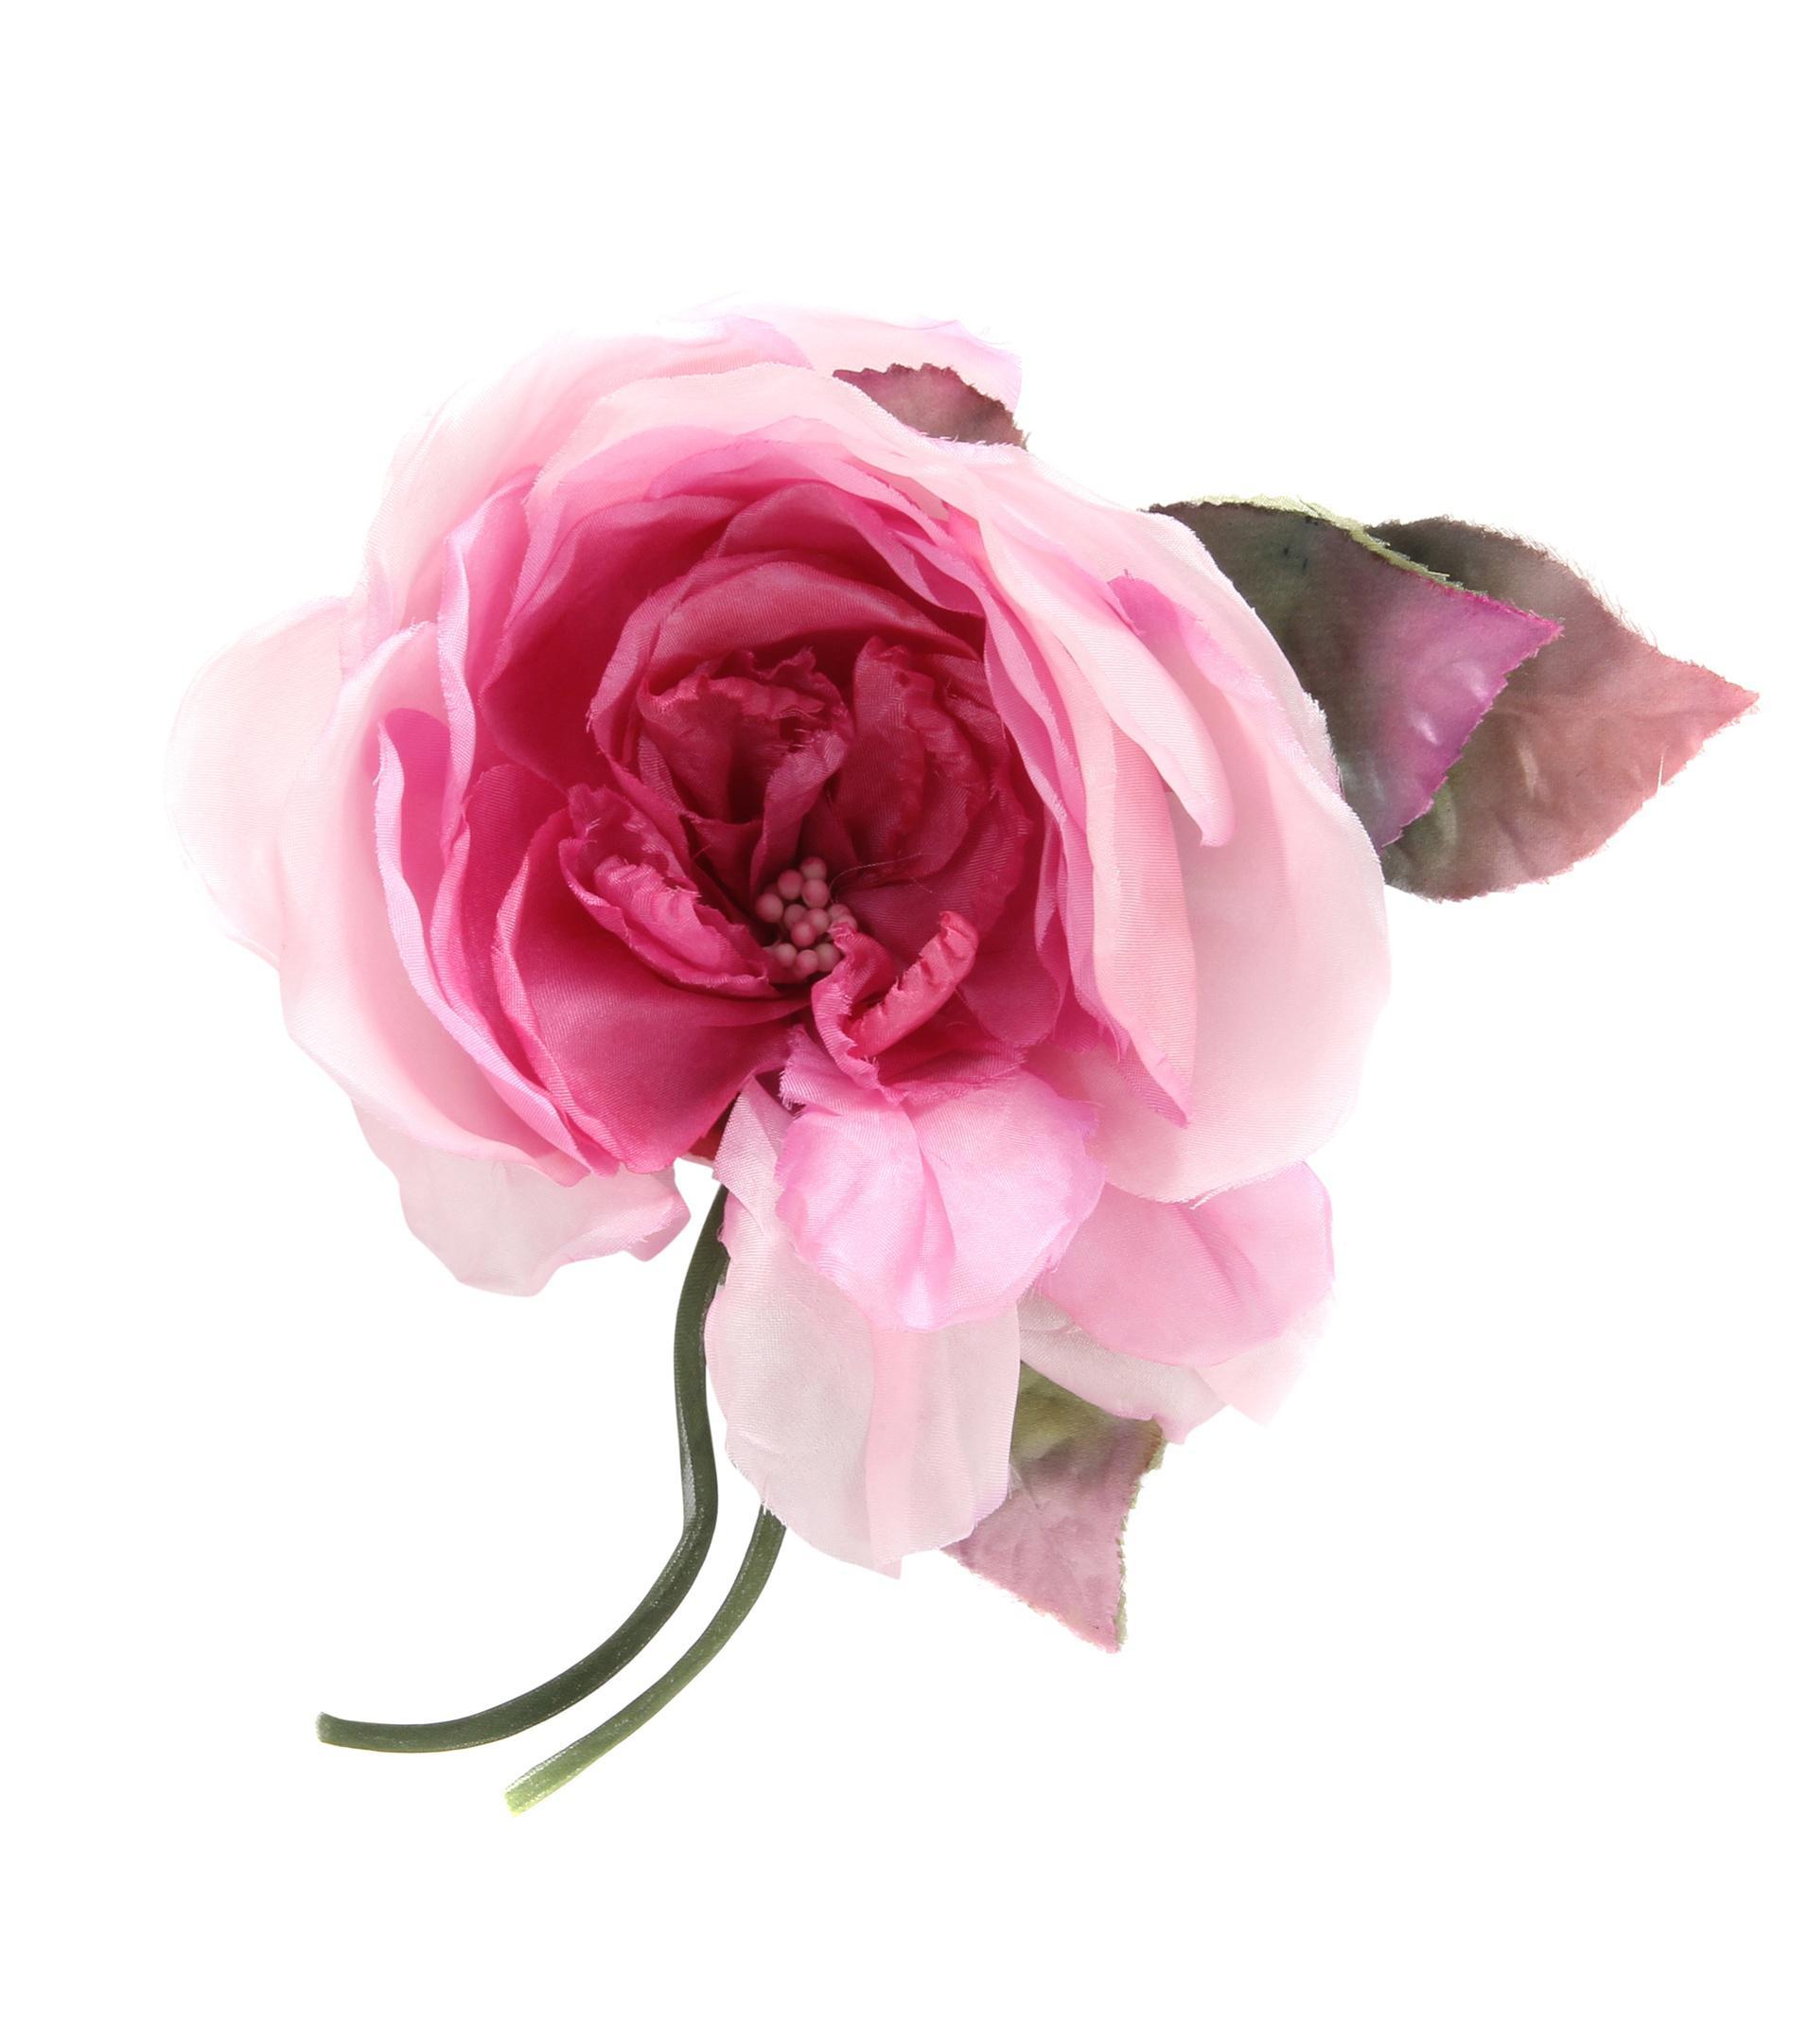 Lyst gucci silk flower brooch in pink gallery mightylinksfo